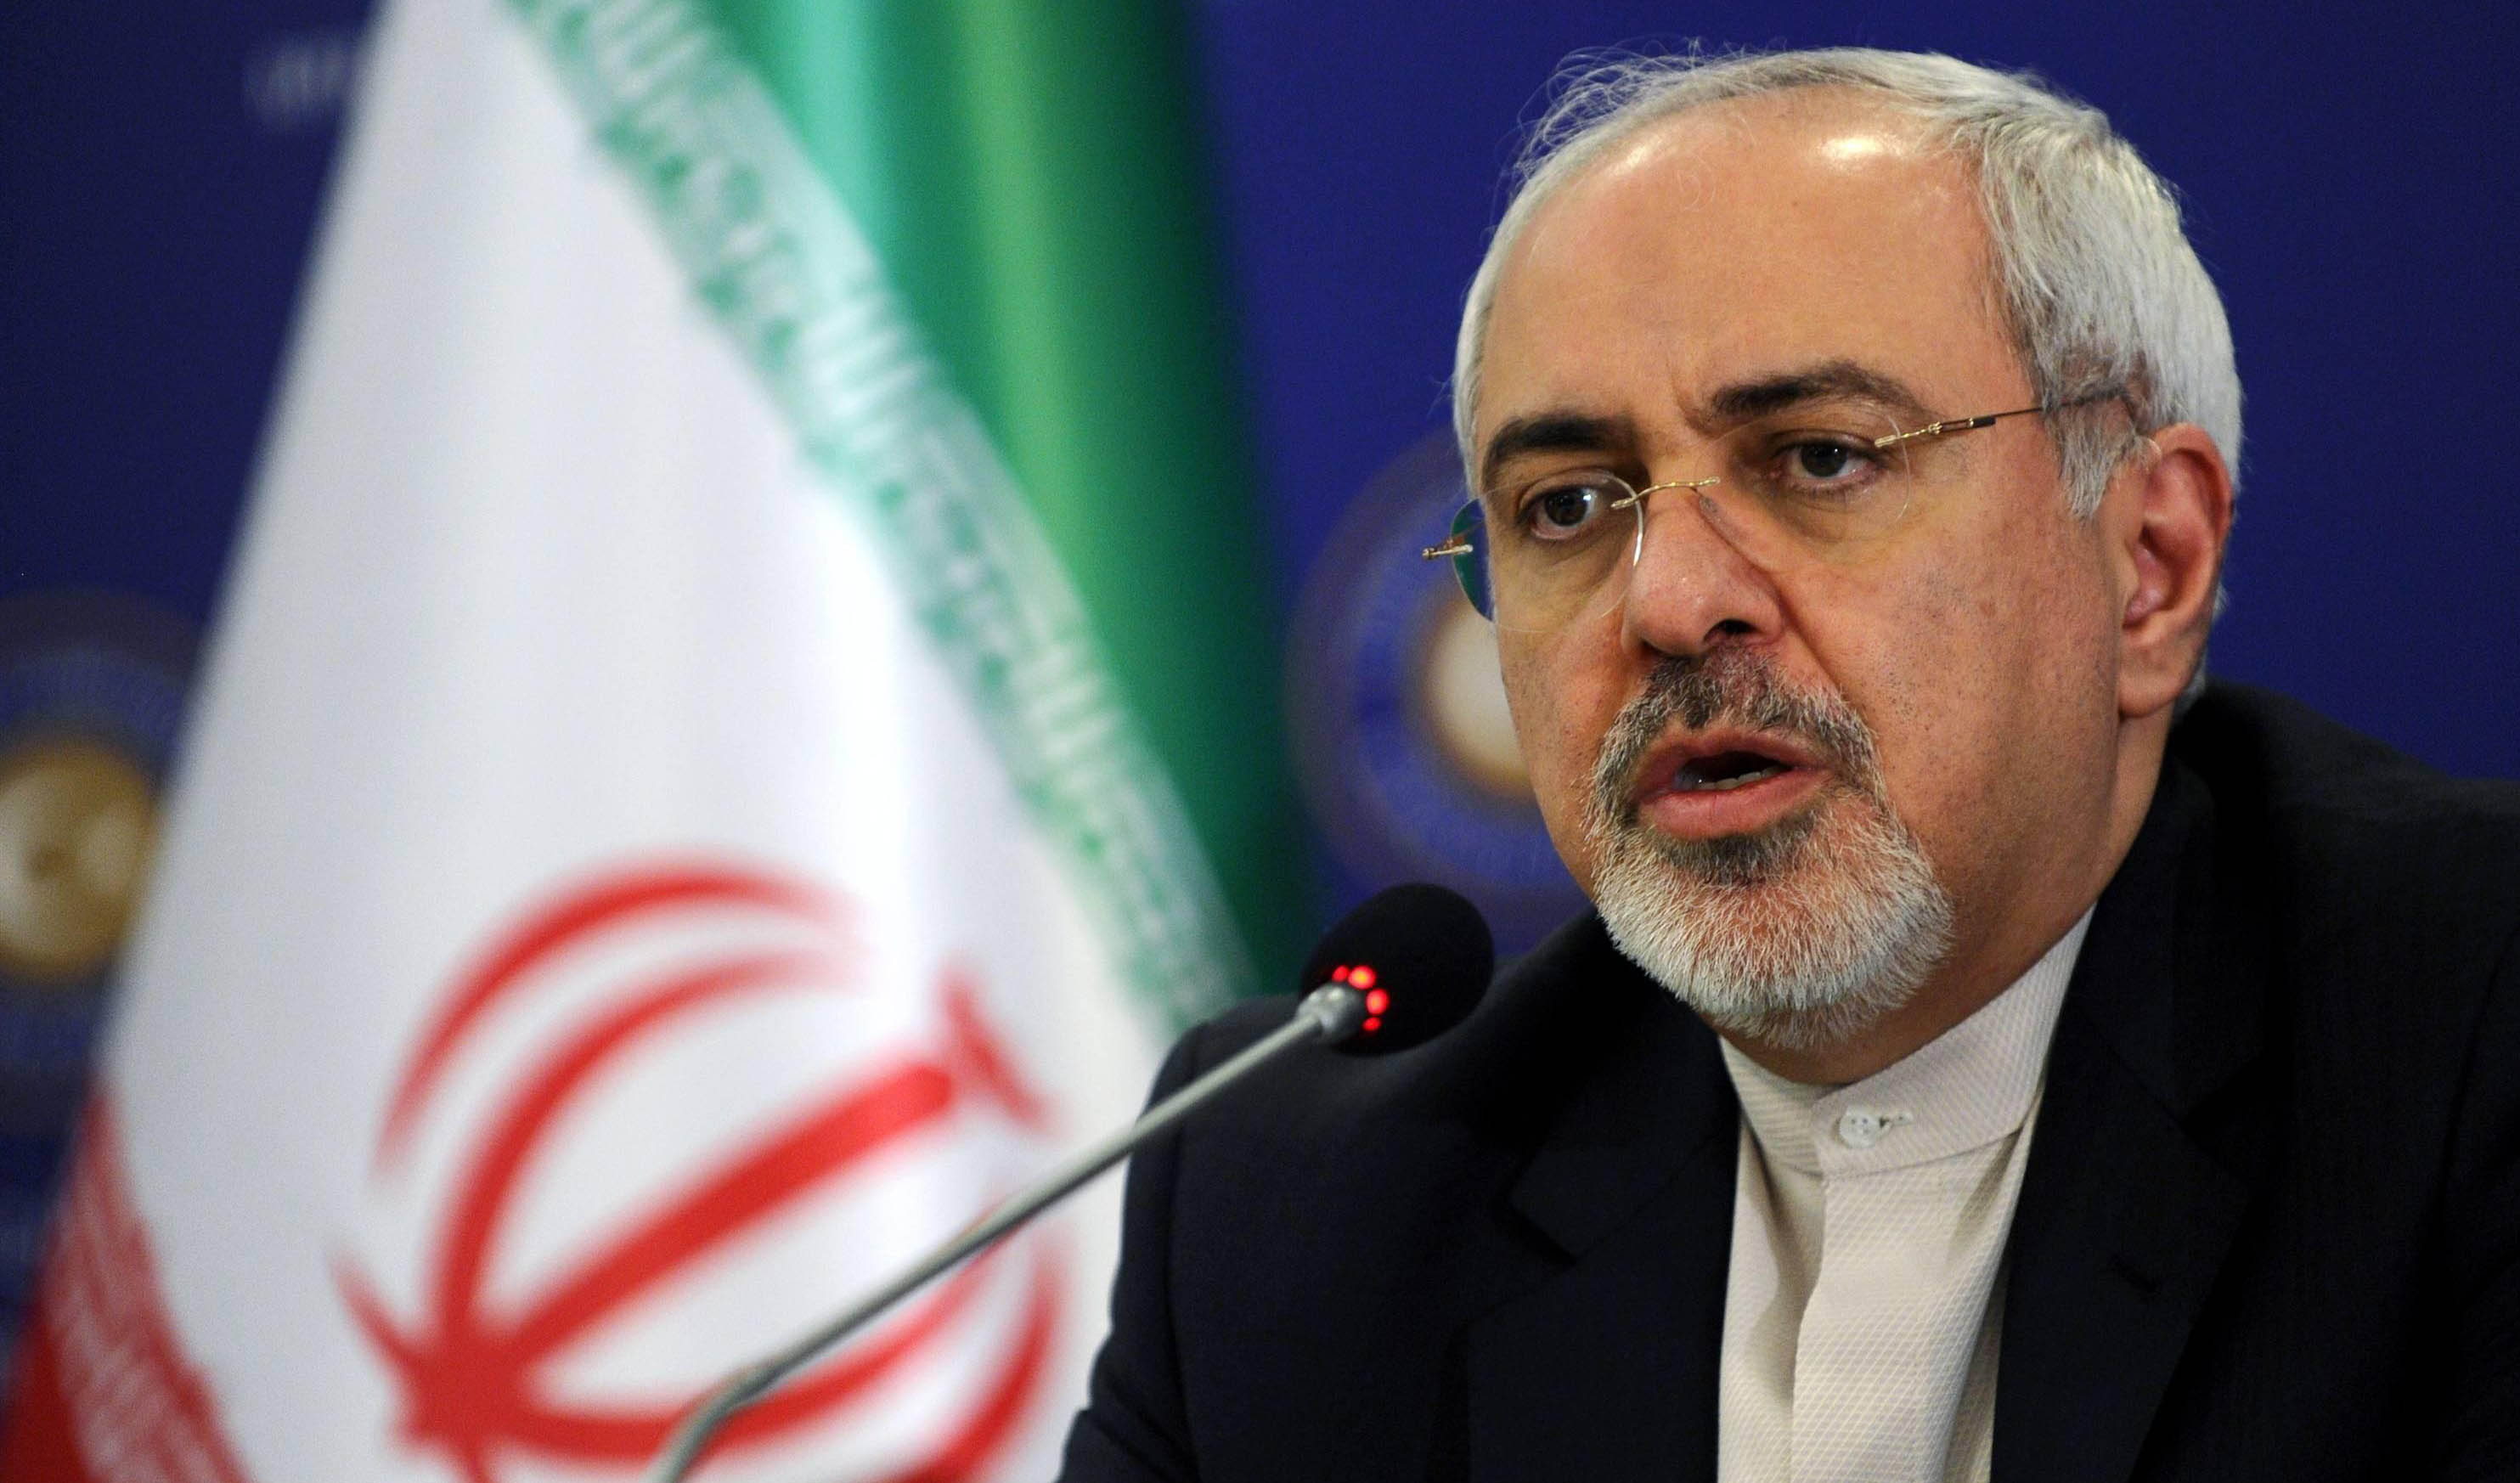 ظریف به تشکیل شورای امنیت به ریاست ترامپ با محوریت ایران واکنش نشان داد